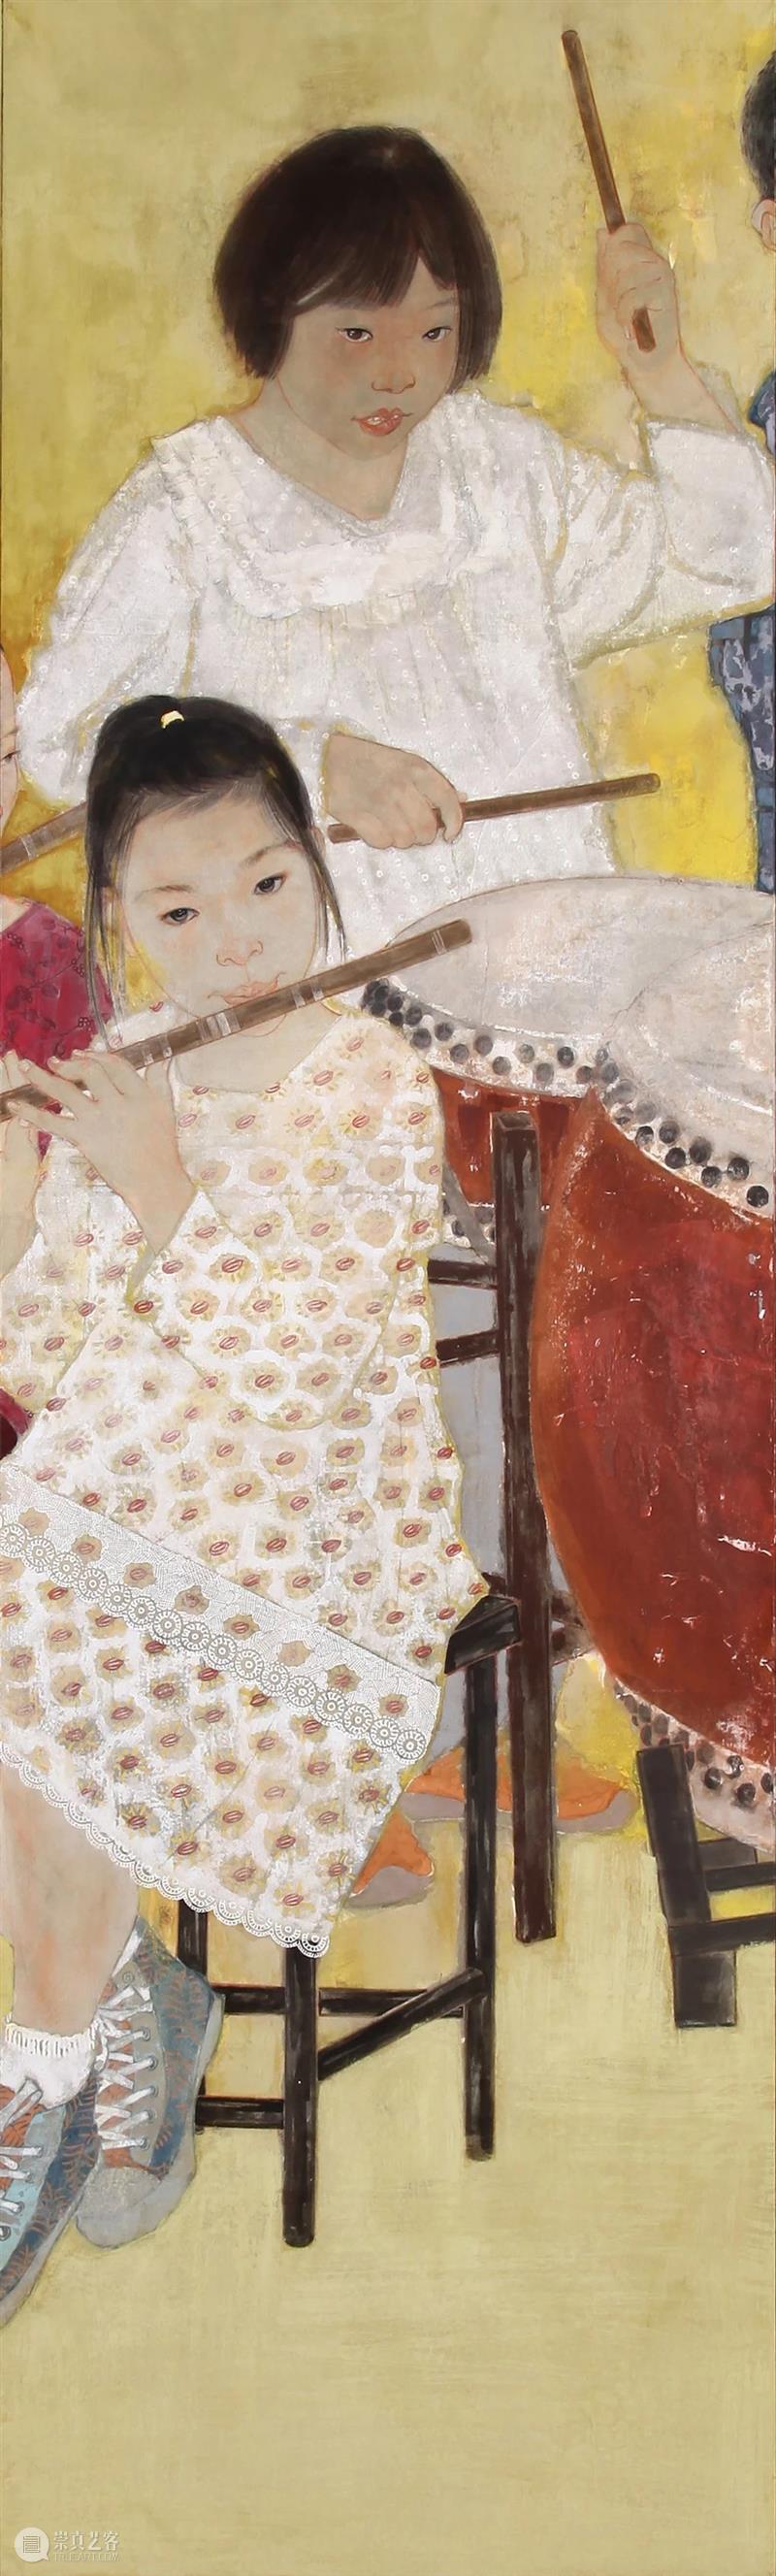 第十一届全国工笔画作品展 | 好画抢鲜看Vol.9 全国 工笔画 作品展 Vol.9 中国美术家协会 中国美术馆 中国工笔画学会 中国 成就 学术 崇真艺客